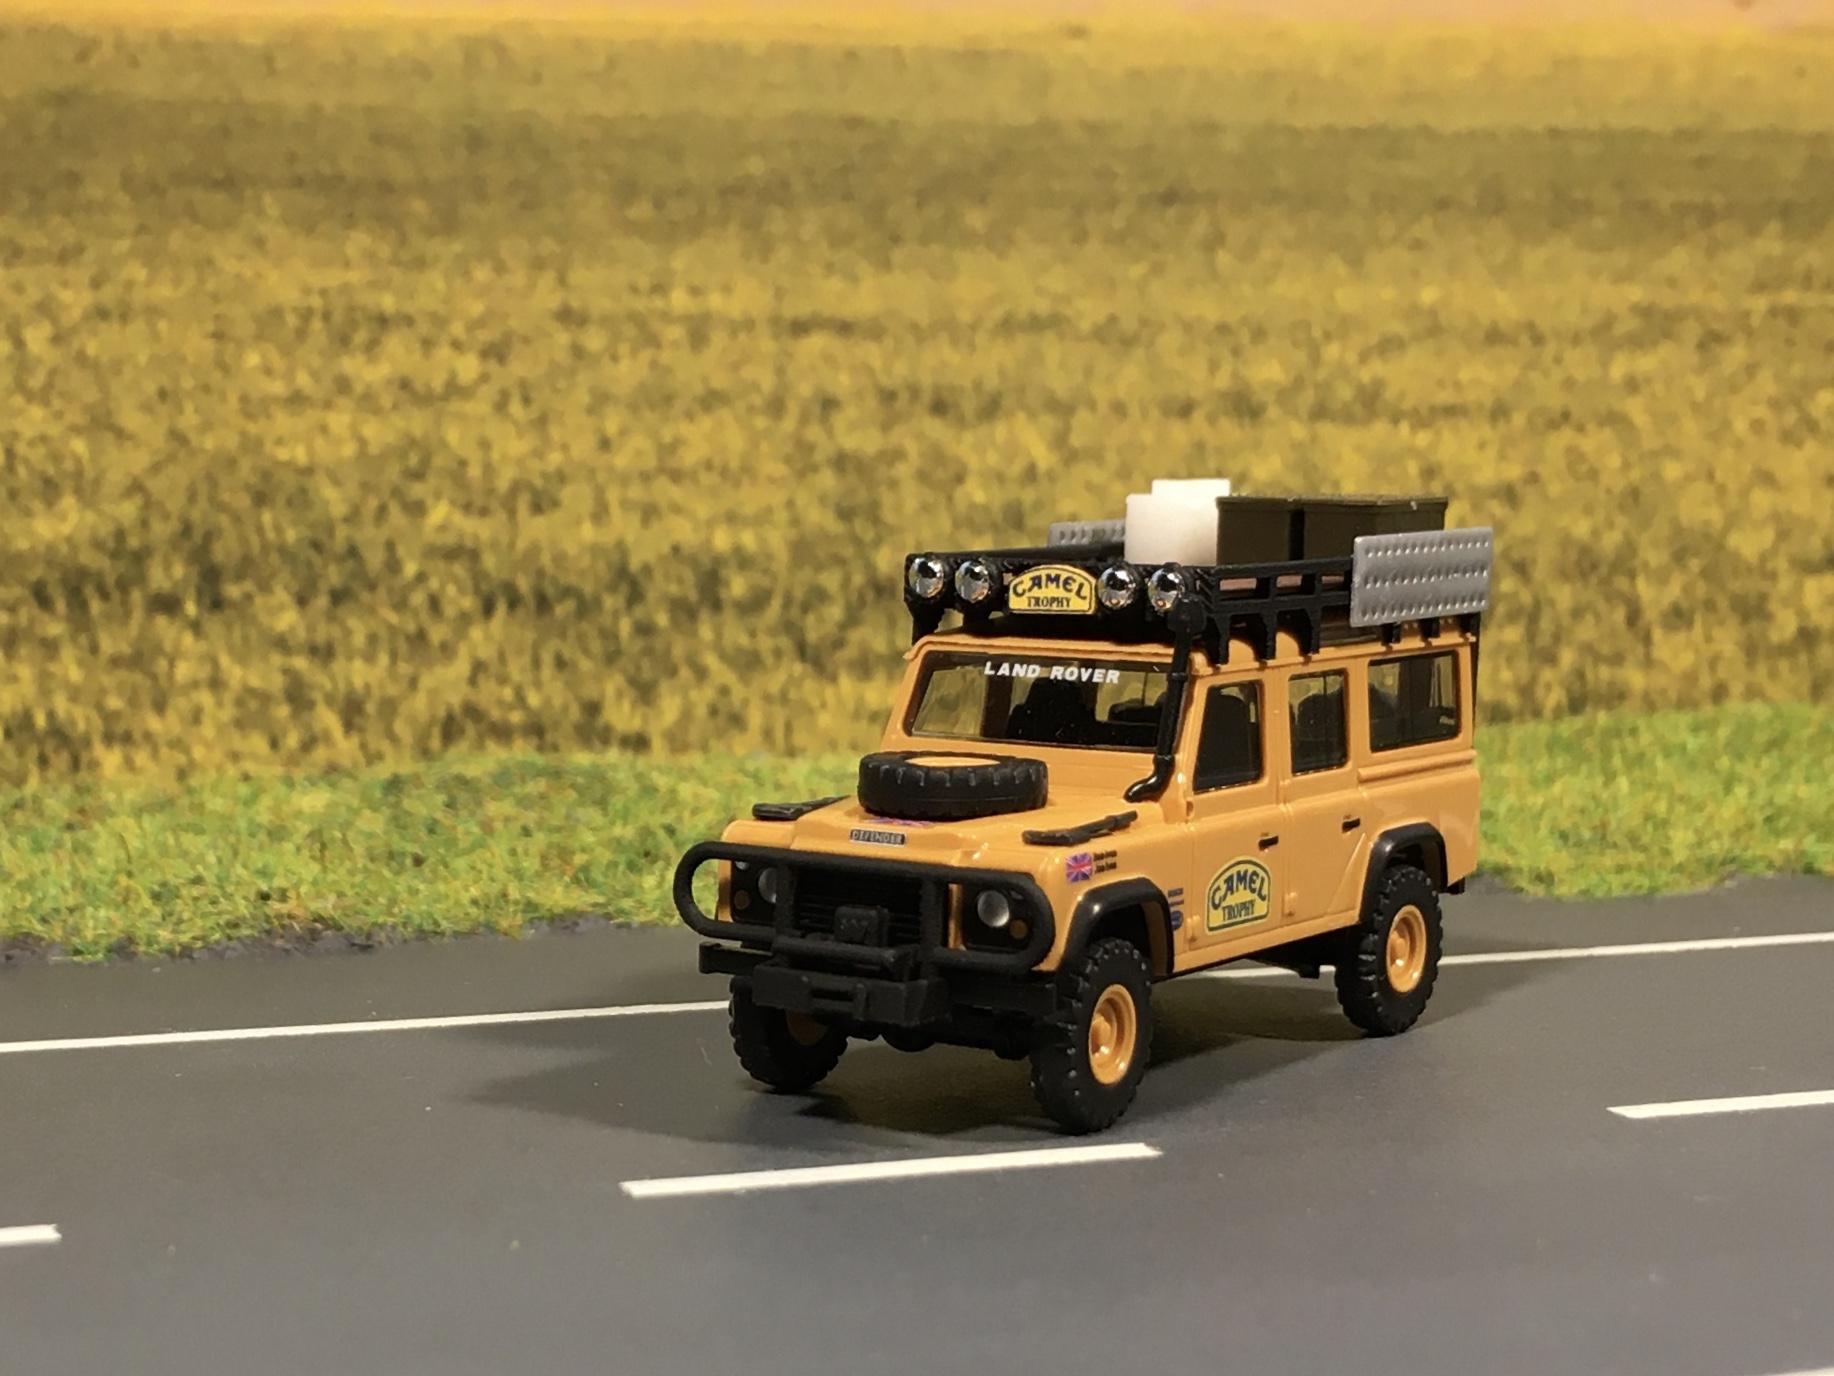 Land Rover Camel 003.jpg